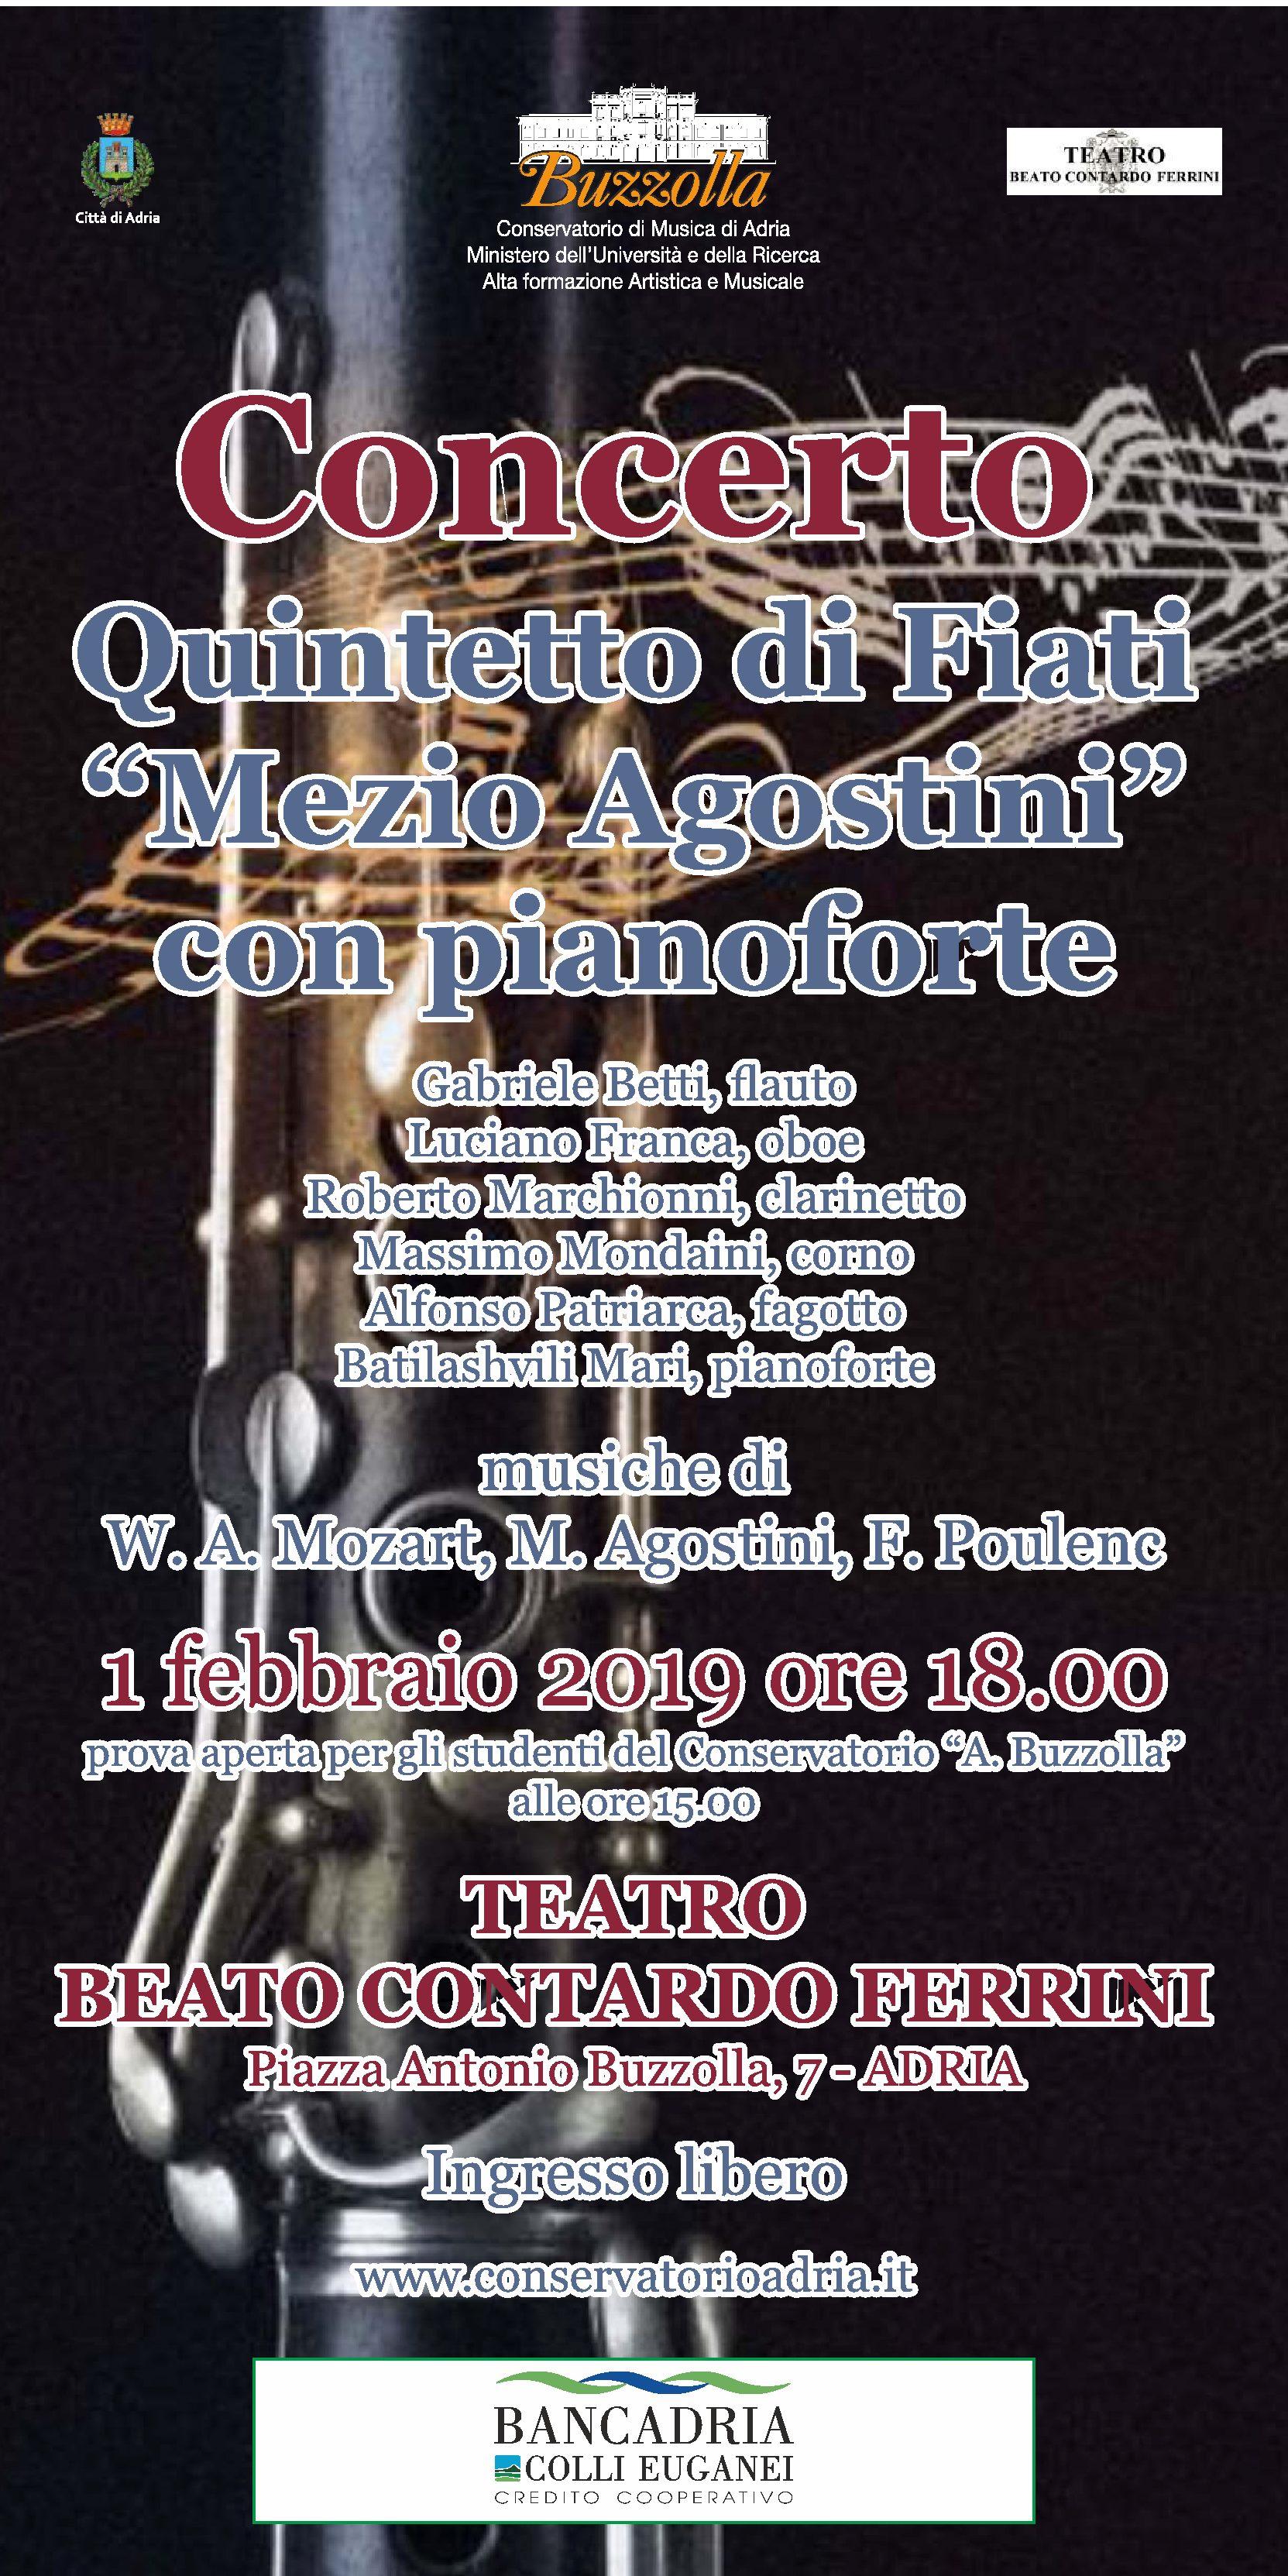 """1 febbraio 2019 – Concerto Quintetto di Fiati """"Mezio Agostini"""" con pianoforte"""